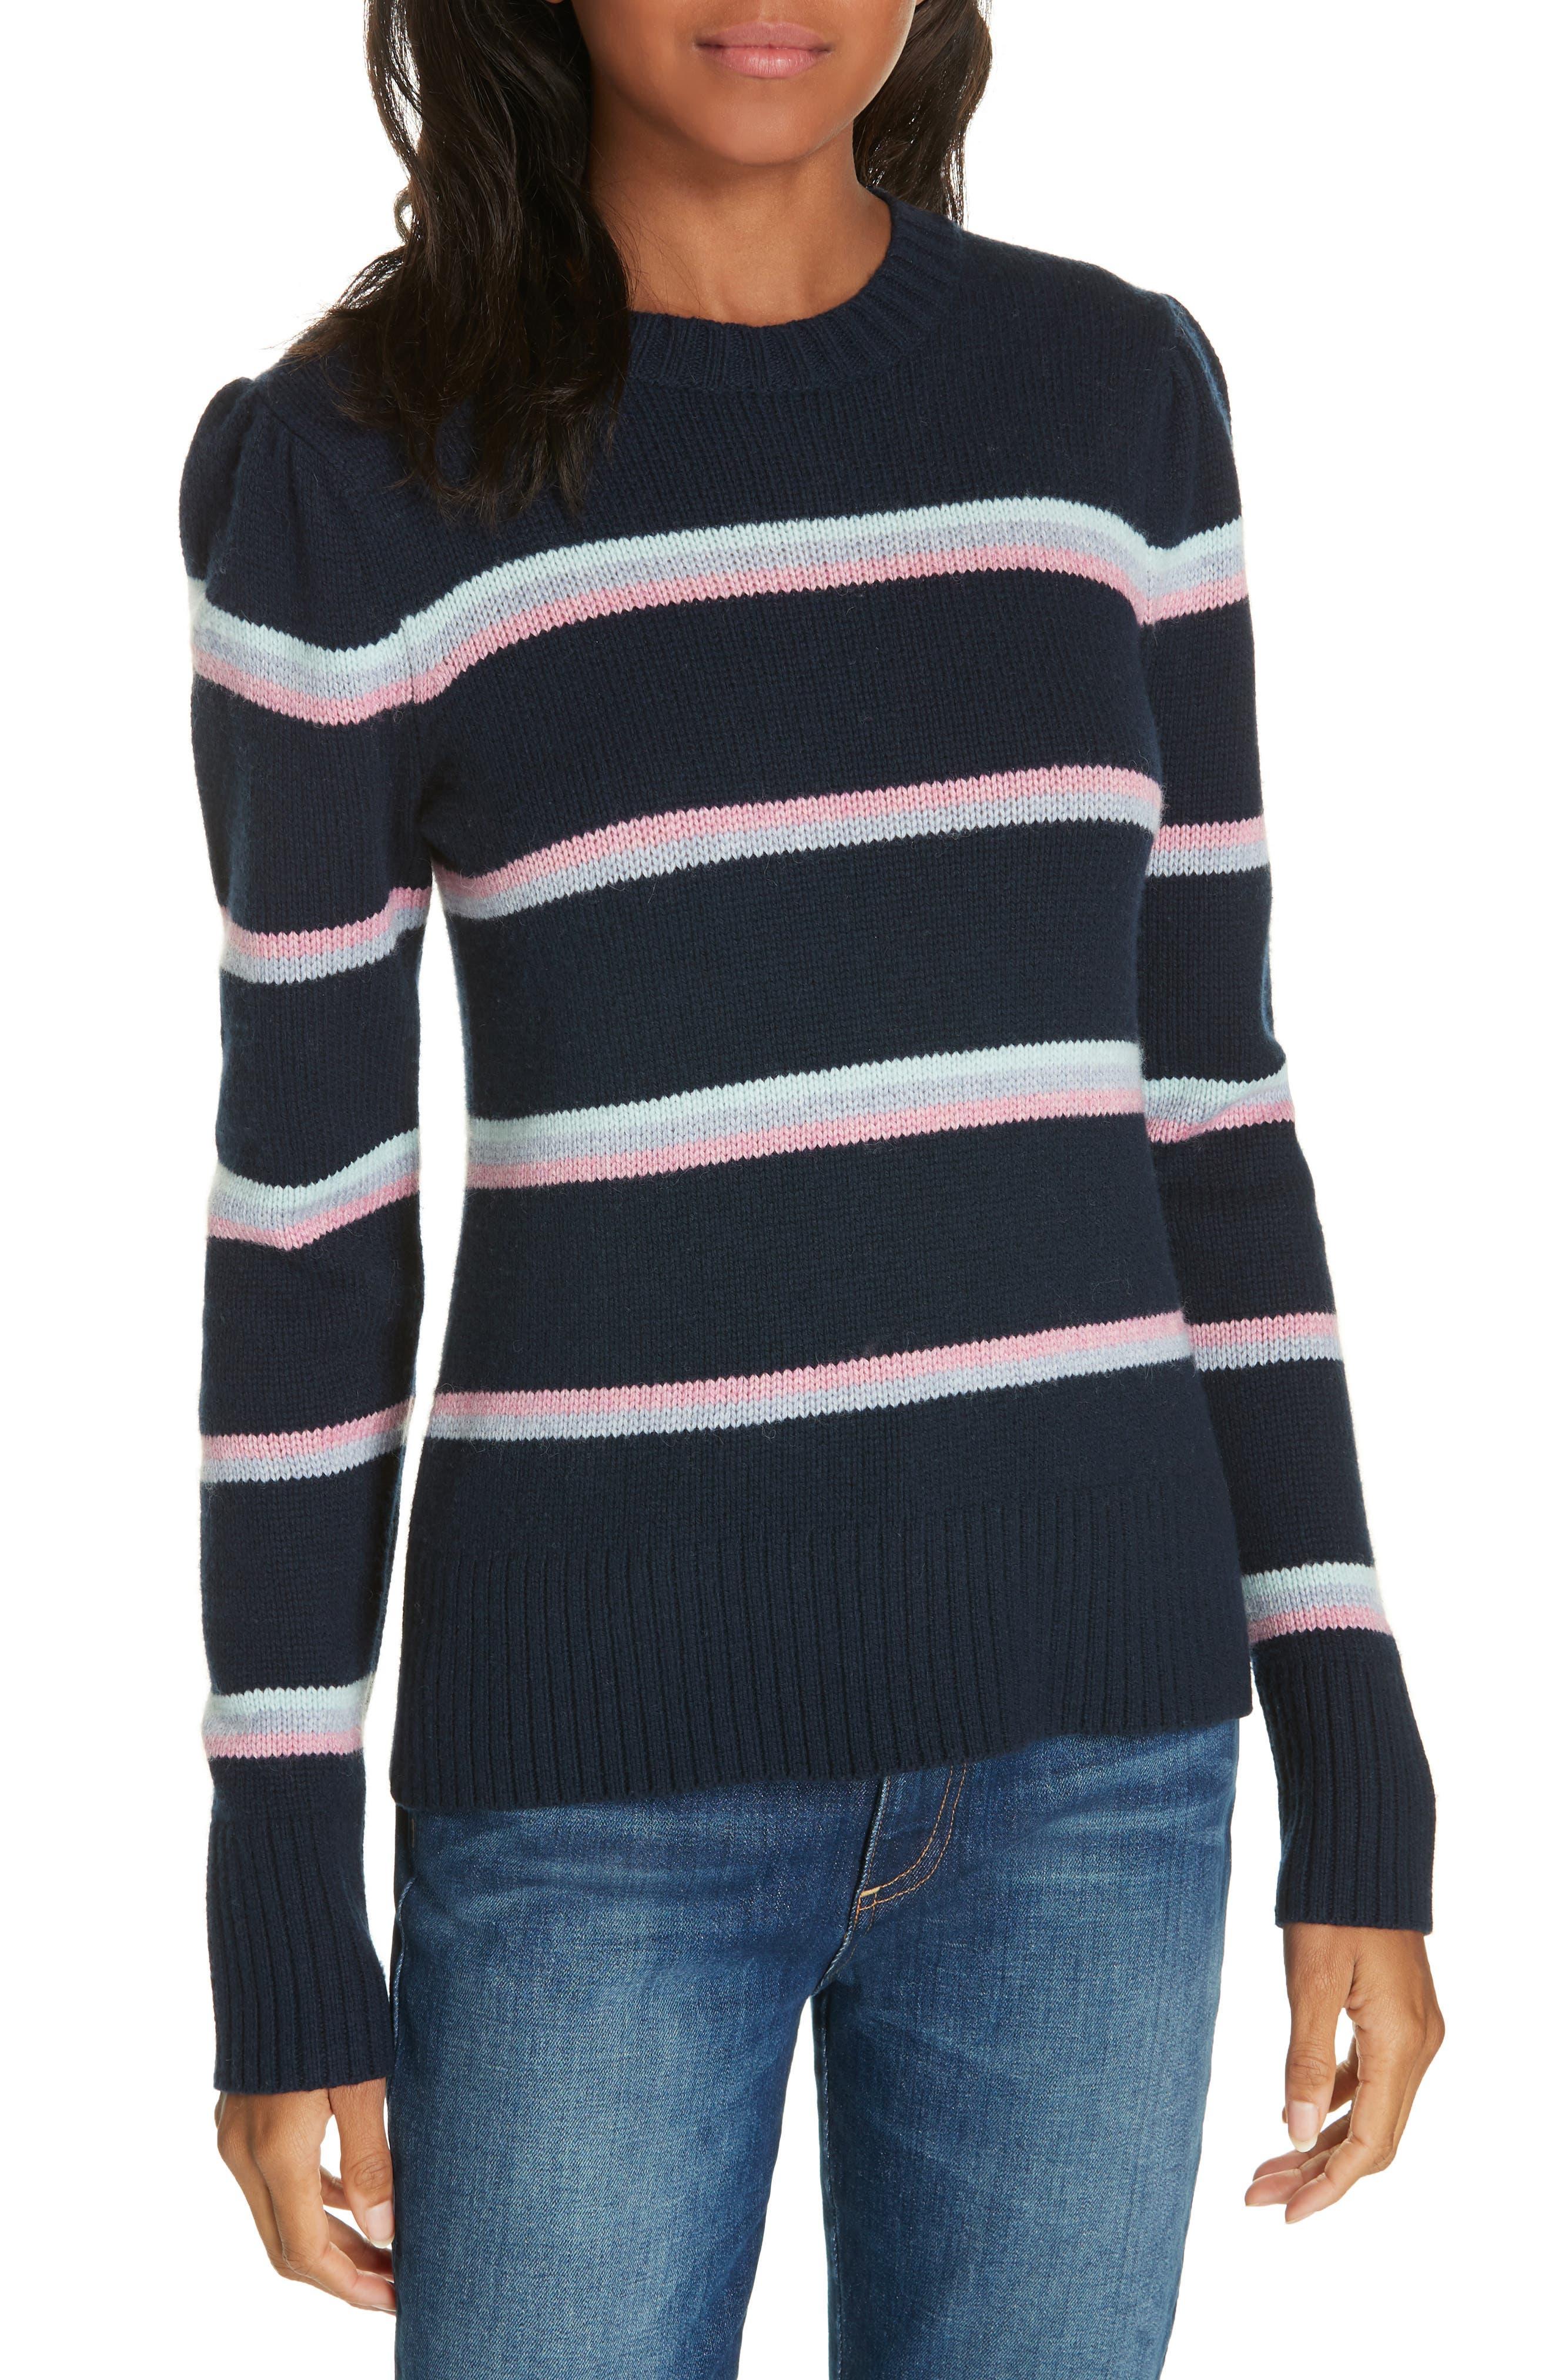 LA VIE REBECCA TAYLOR Stripe Wool Blend Sweater in Navy Combo